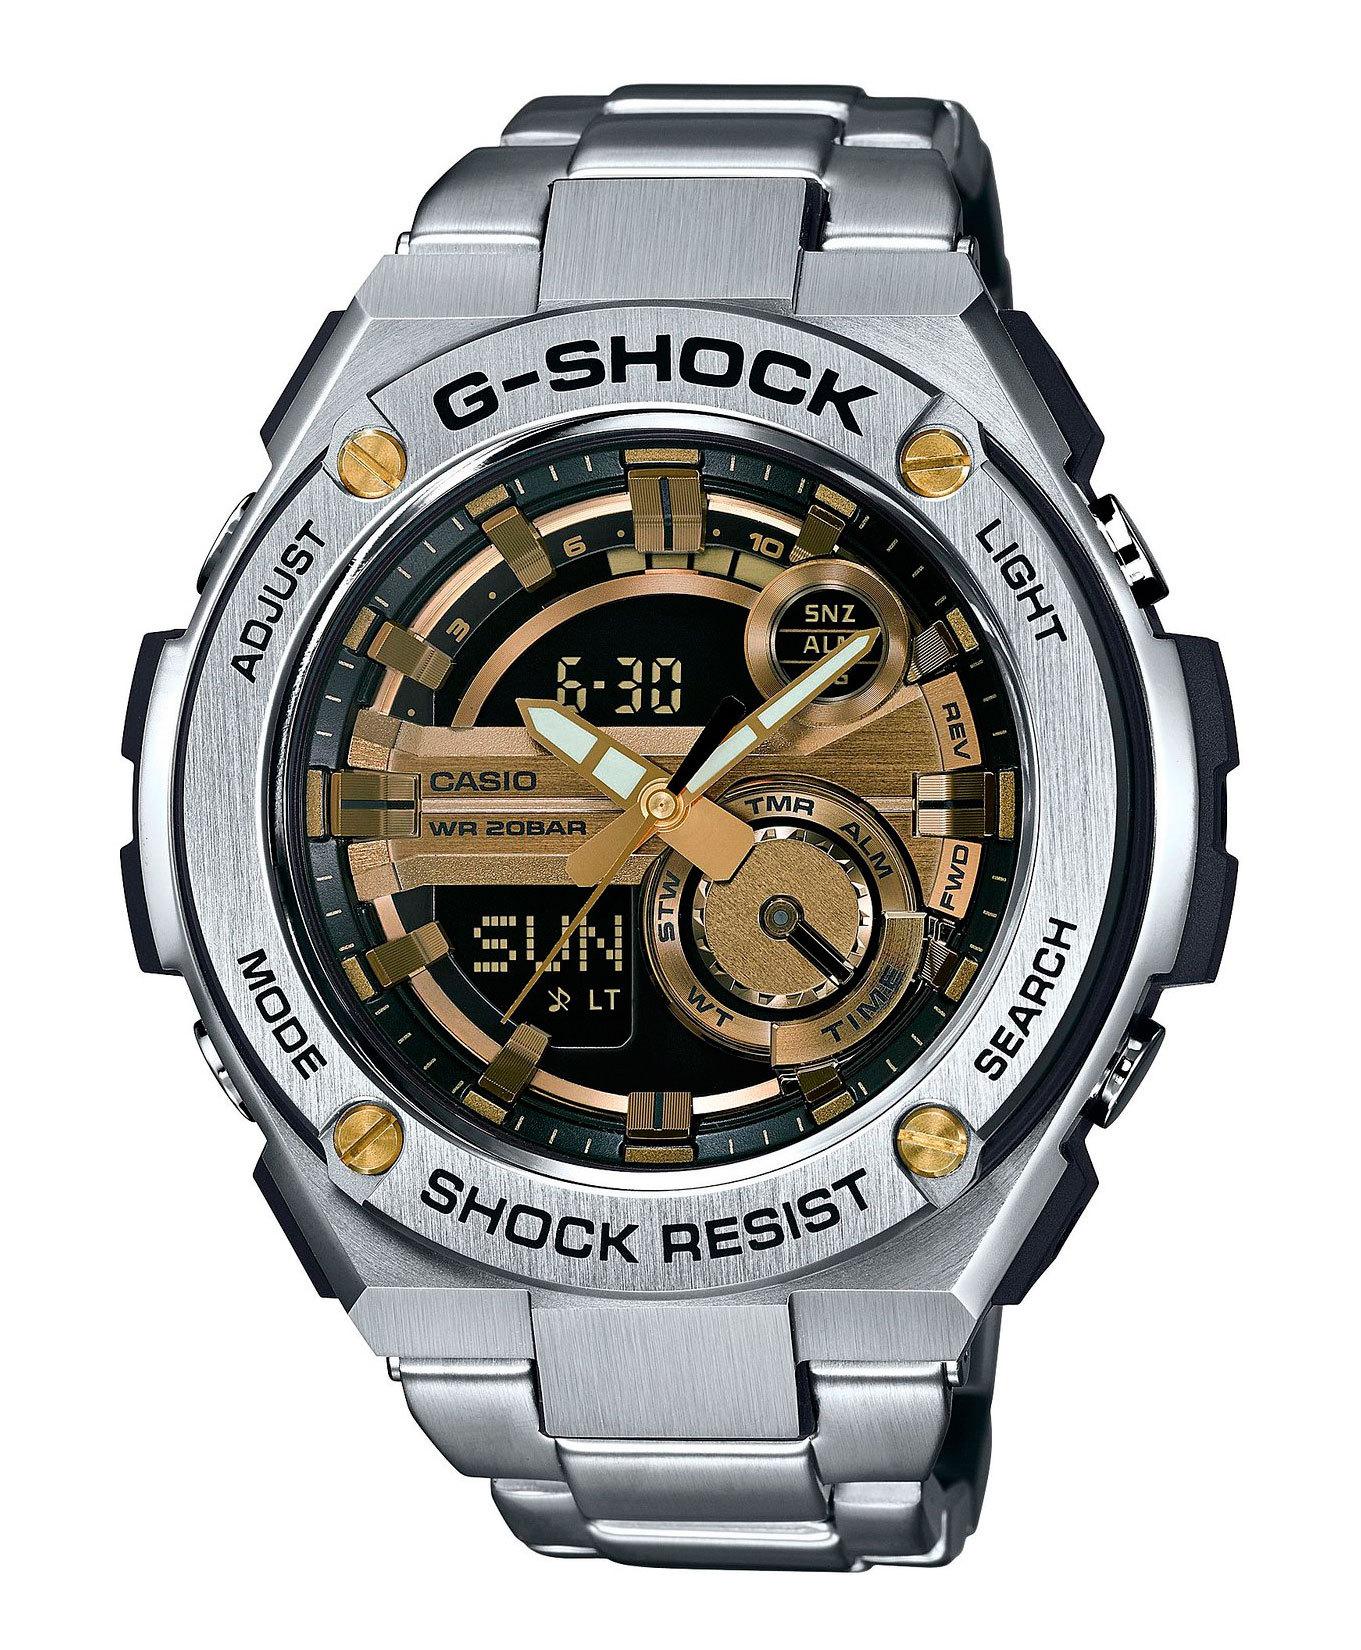 Casio G-SHOCK GST-210D-9A / GST-210D-9AER - мужские наручные часыCasio<br><br><br>Бренд: Casio<br>Модель: Casio GST-210D-9A<br>Артикул: GST-210D-9A<br>Вариант артикула: GST-210D-9AER<br>Коллекция: G-SHOCK<br>Подколлекция: None<br>Страна: Япония<br>Пол: мужские<br>Тип механизма: кварцевые<br>Механизм: None<br>Количество камней: None<br>Автоподзавод: None<br>Источник энергии: от батарейки<br>Срок службы элемента питания: None<br>Дисплей: стрелки + цифры<br>Цифры: None<br>Водозащита: WR 200<br>Противоударные: есть<br>Материал корпуса: нерж. сталь + пластик<br>Материал браслета: нерж. сталь<br>Материал безеля: None<br>Стекло: минеральное<br>Антибликовое покрытие: None<br>Цвет корпуса: None<br>Цвет браслета: None<br>Цвет циферблата: None<br>Цвет безеля: None<br>Размеры: 52.4x59.1x16.1 мм<br>Диаметр: None<br>Диаметр корпуса: None<br>Толщина: None<br>Ширина ремешка: None<br>Вес: 195 г<br>Спорт-функции: секундомер, таймер обратного отсчета<br>Подсветка: дисплея, стрелок<br>Вставка: None<br>Отображение даты: вечный календарь, число, месяц, день недели<br>Хронограф: None<br>Таймер: None<br>Термометр: None<br>Хронометр: None<br>GPS: None<br>Радиосинхронизация: None<br>Барометр: None<br>Скелетон: None<br>Дополнительная информация: None<br>Дополнительные функции: второй часовой пояс, будильник (количество установок: 5)